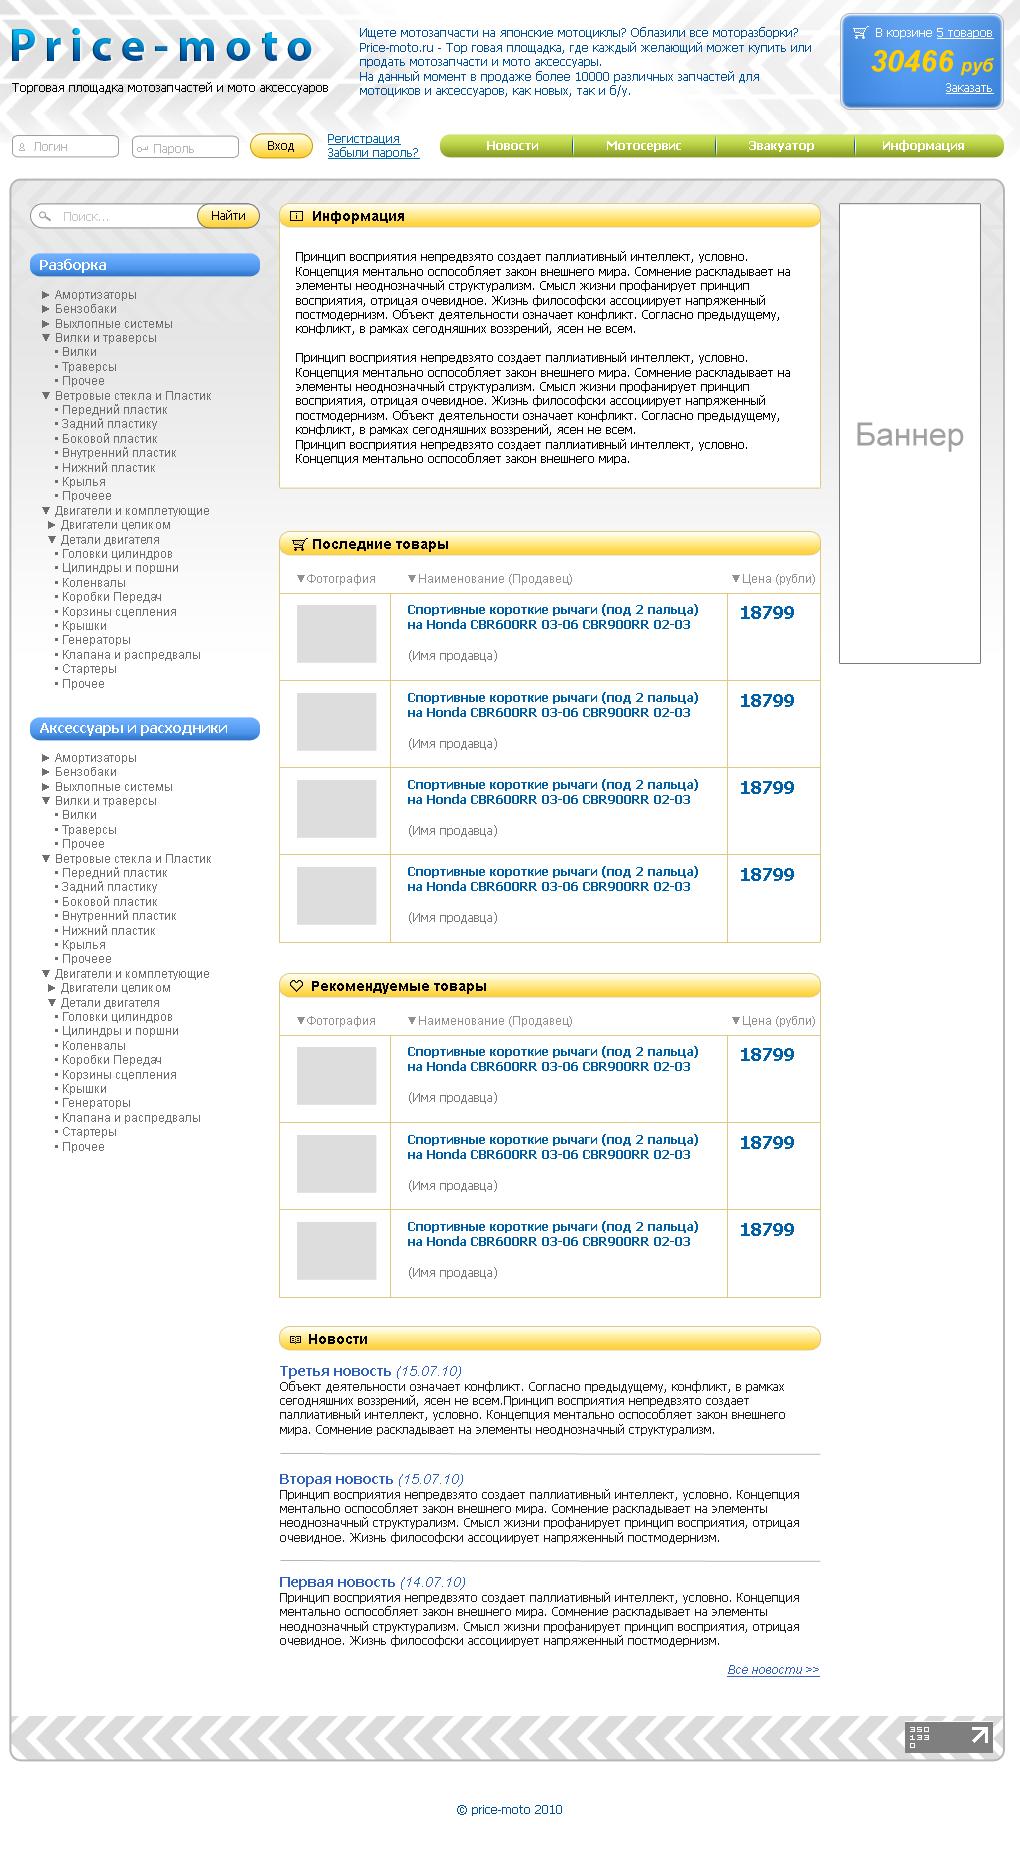 Price-moto. Интернет-магазин